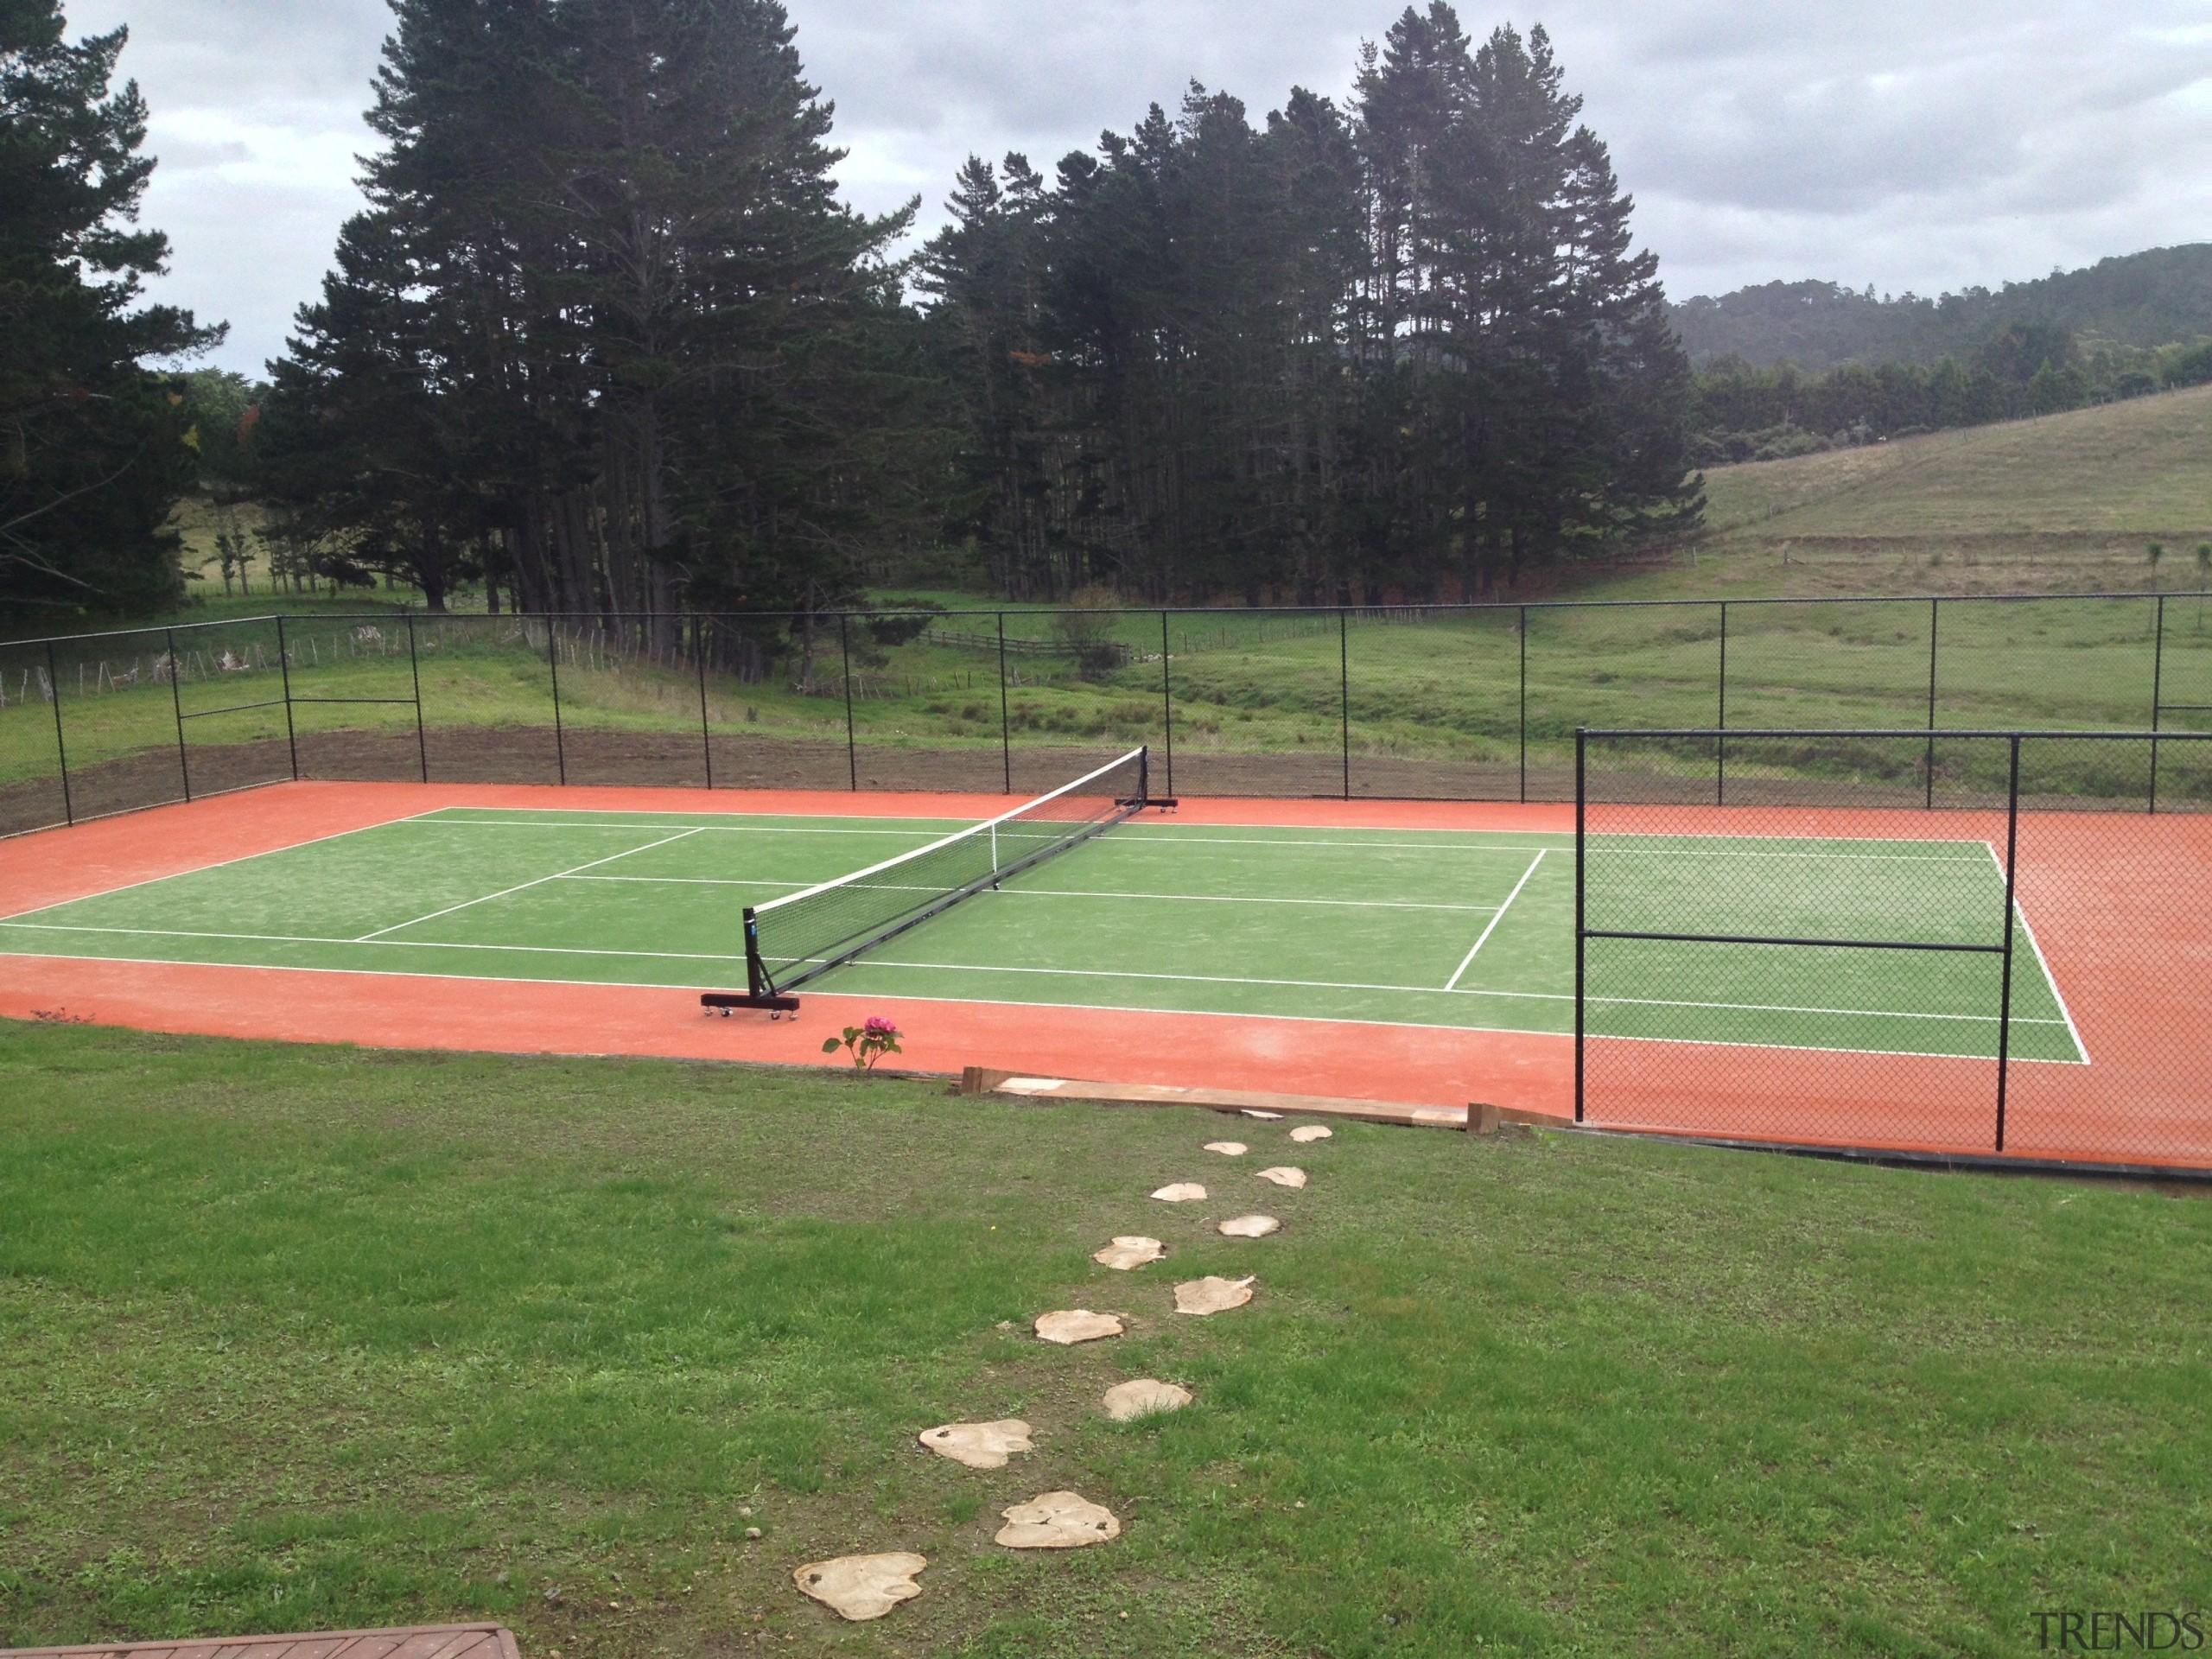 Sport - area   ball game   grass area, ball game, grass, leisure, net, sport venue, sports, structure, tennis court, green